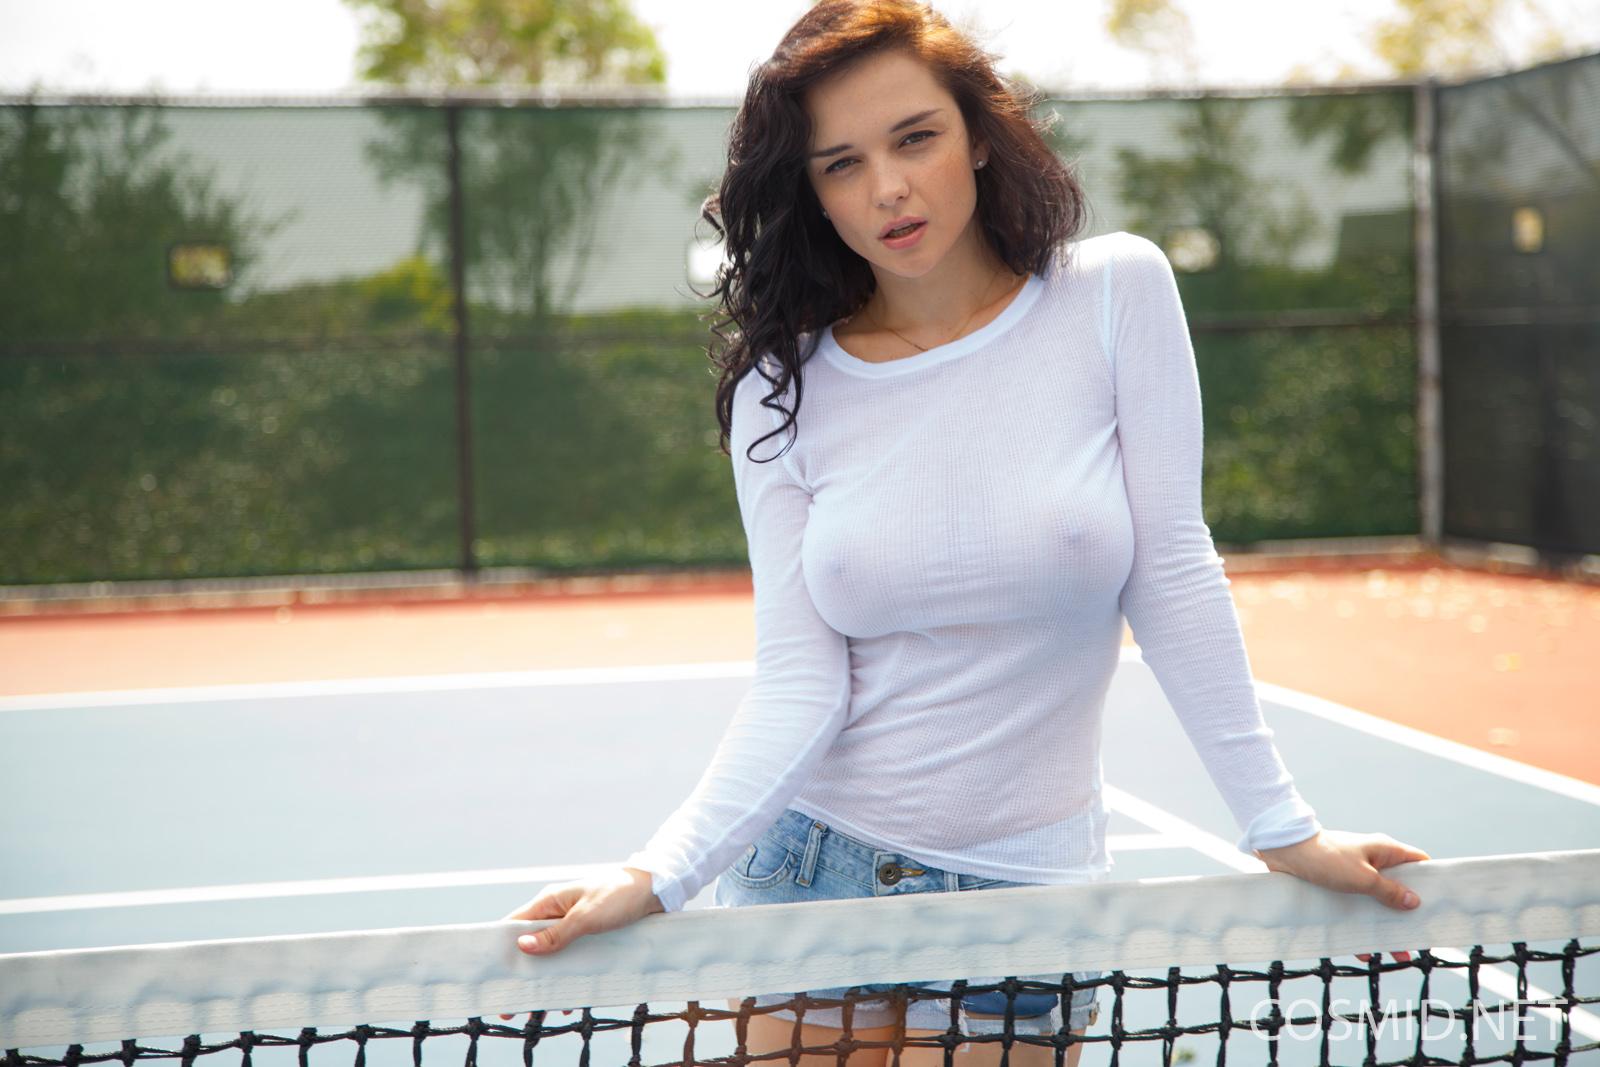 Большие Мячики на теннисном корте